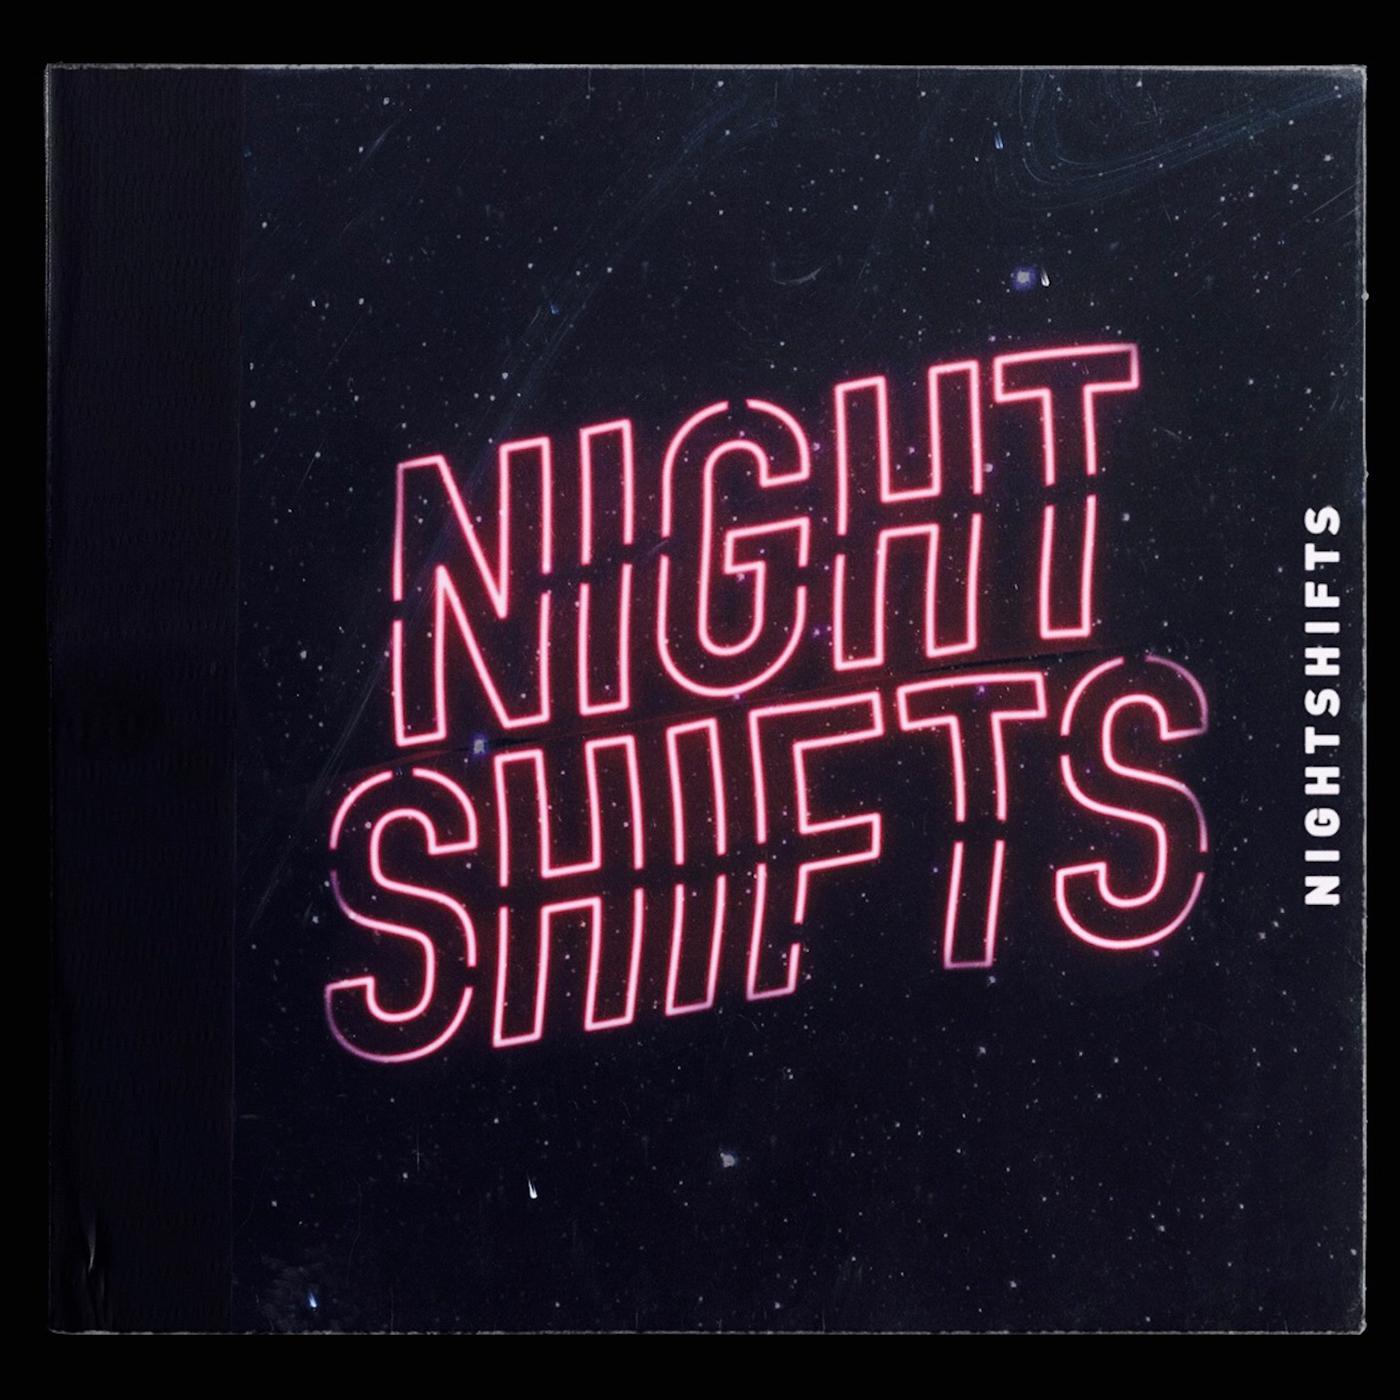 Feeling Like I Should - Nightshifts